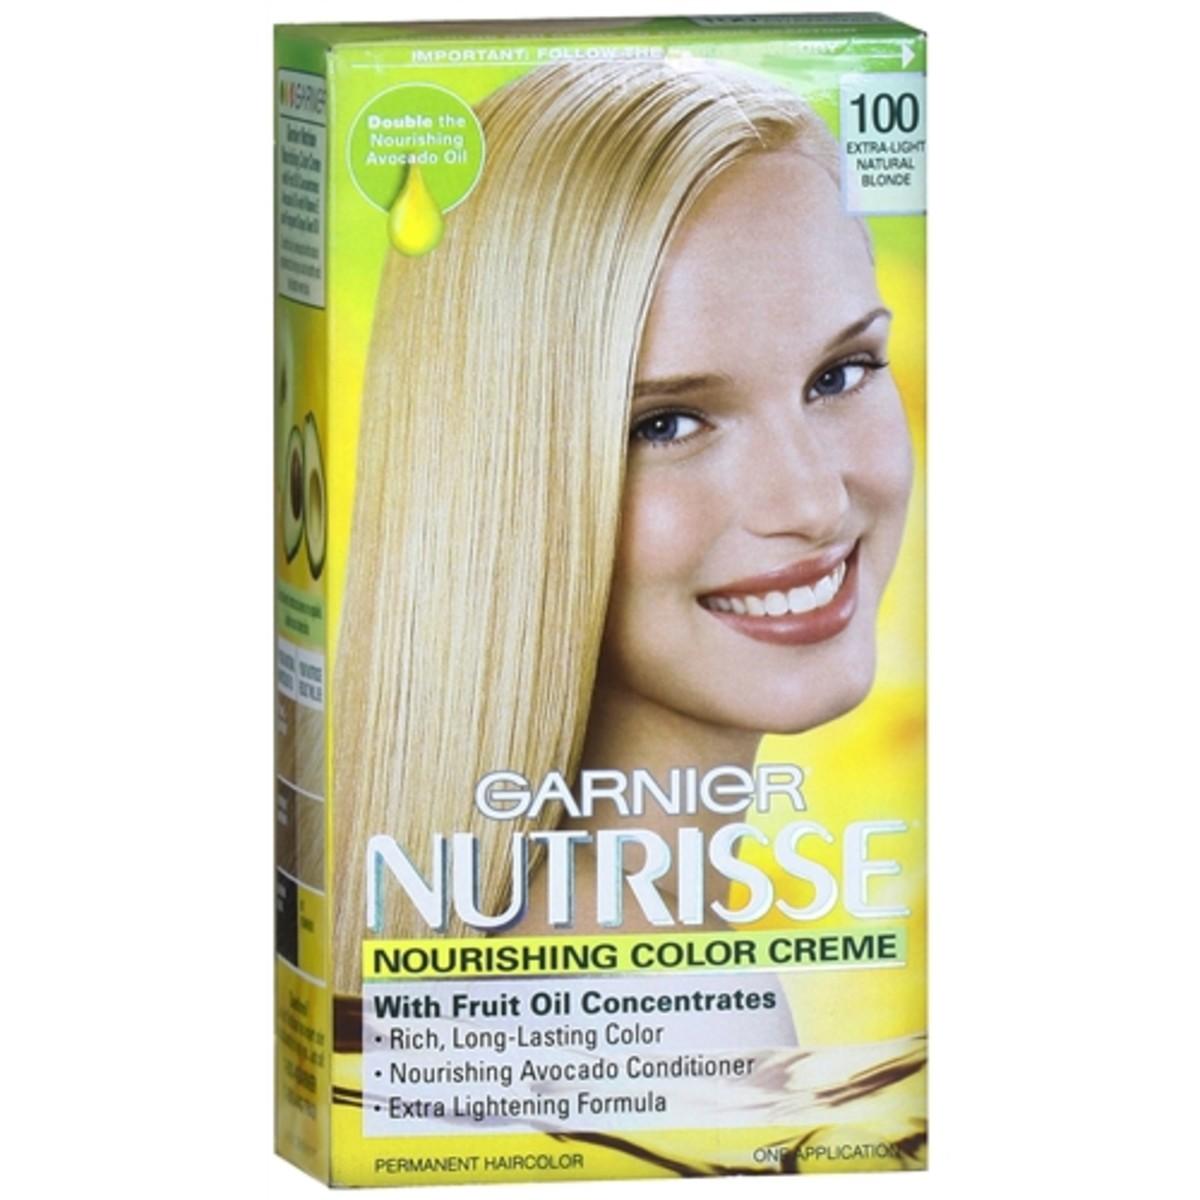 Garnier Nutrisse Nourishing Color Creme in 100 Extra-Light Natural Blonde